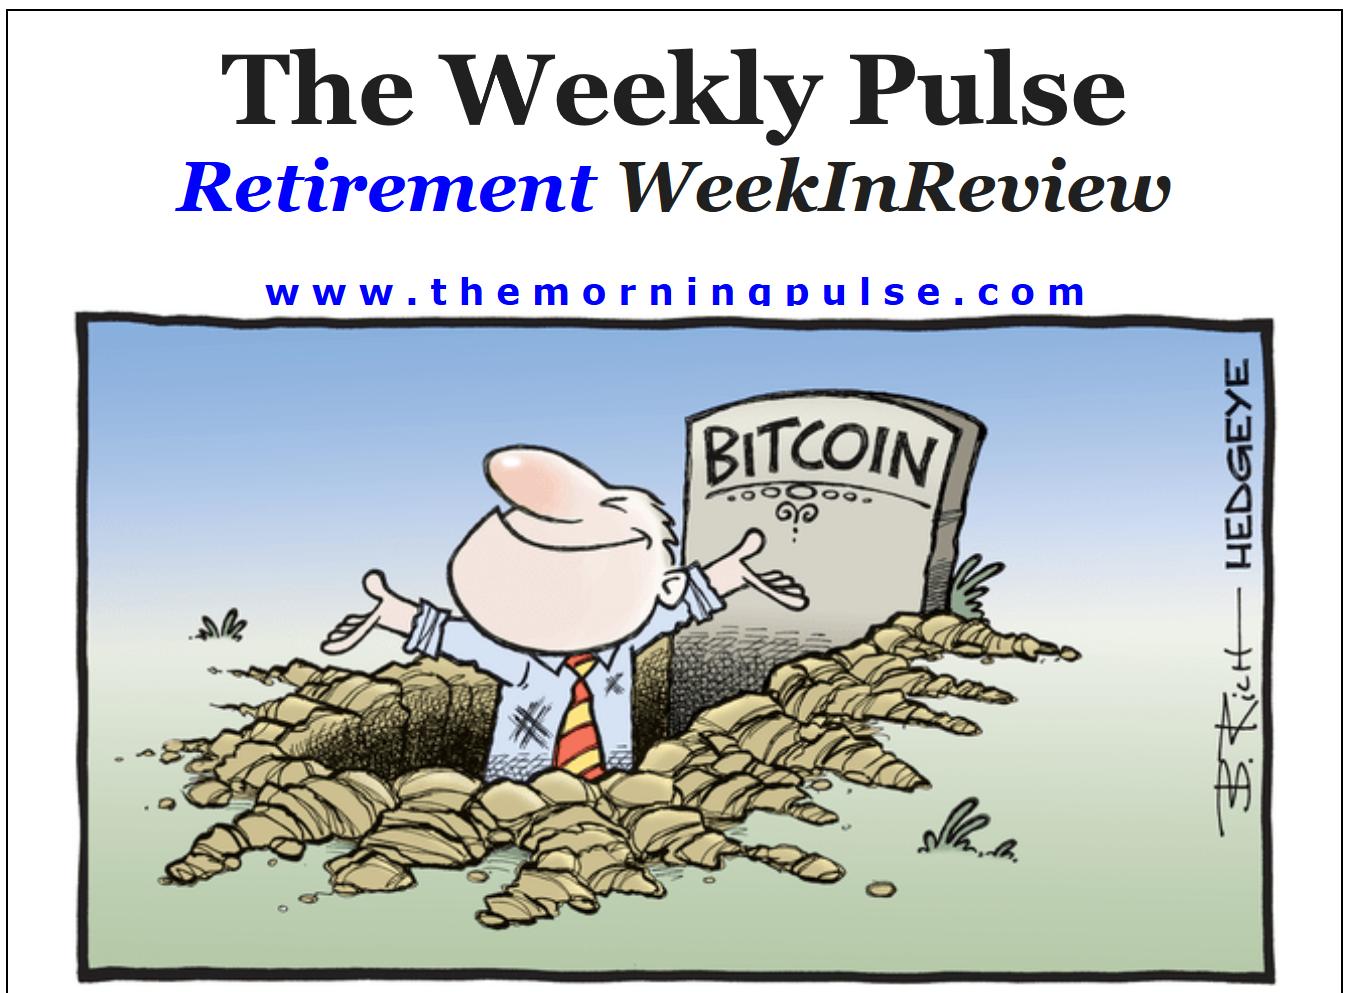 The Weekly Pulse – May 18, 2019